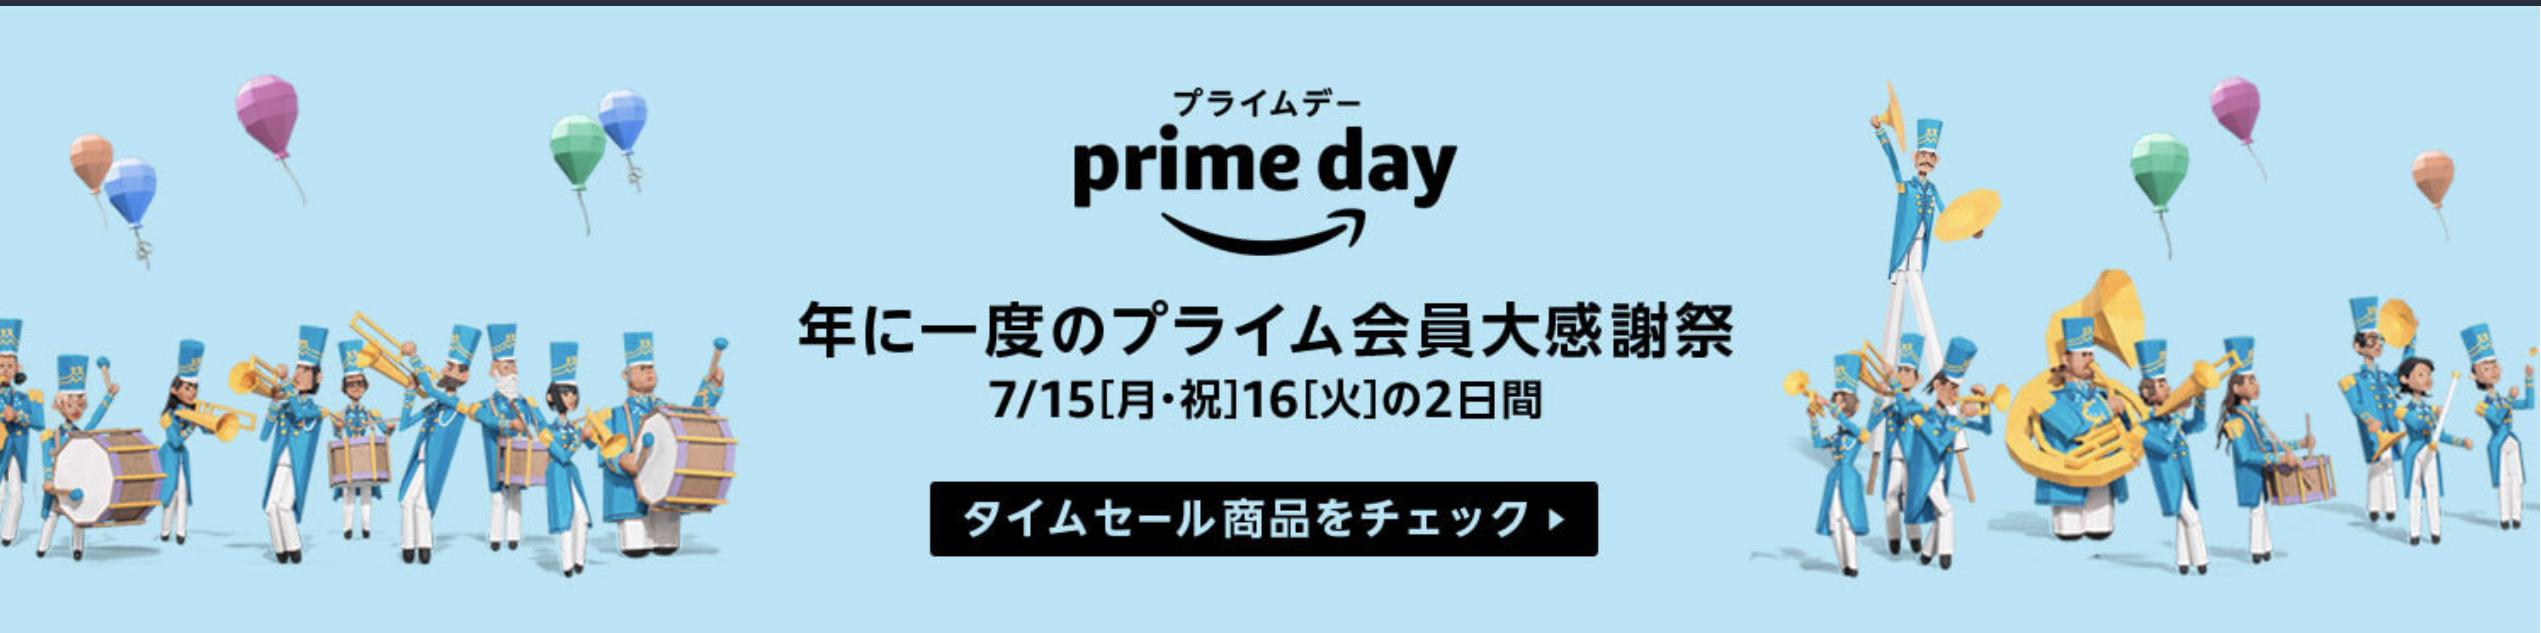 Amazonプライムデーって?2019年はいつ開催?